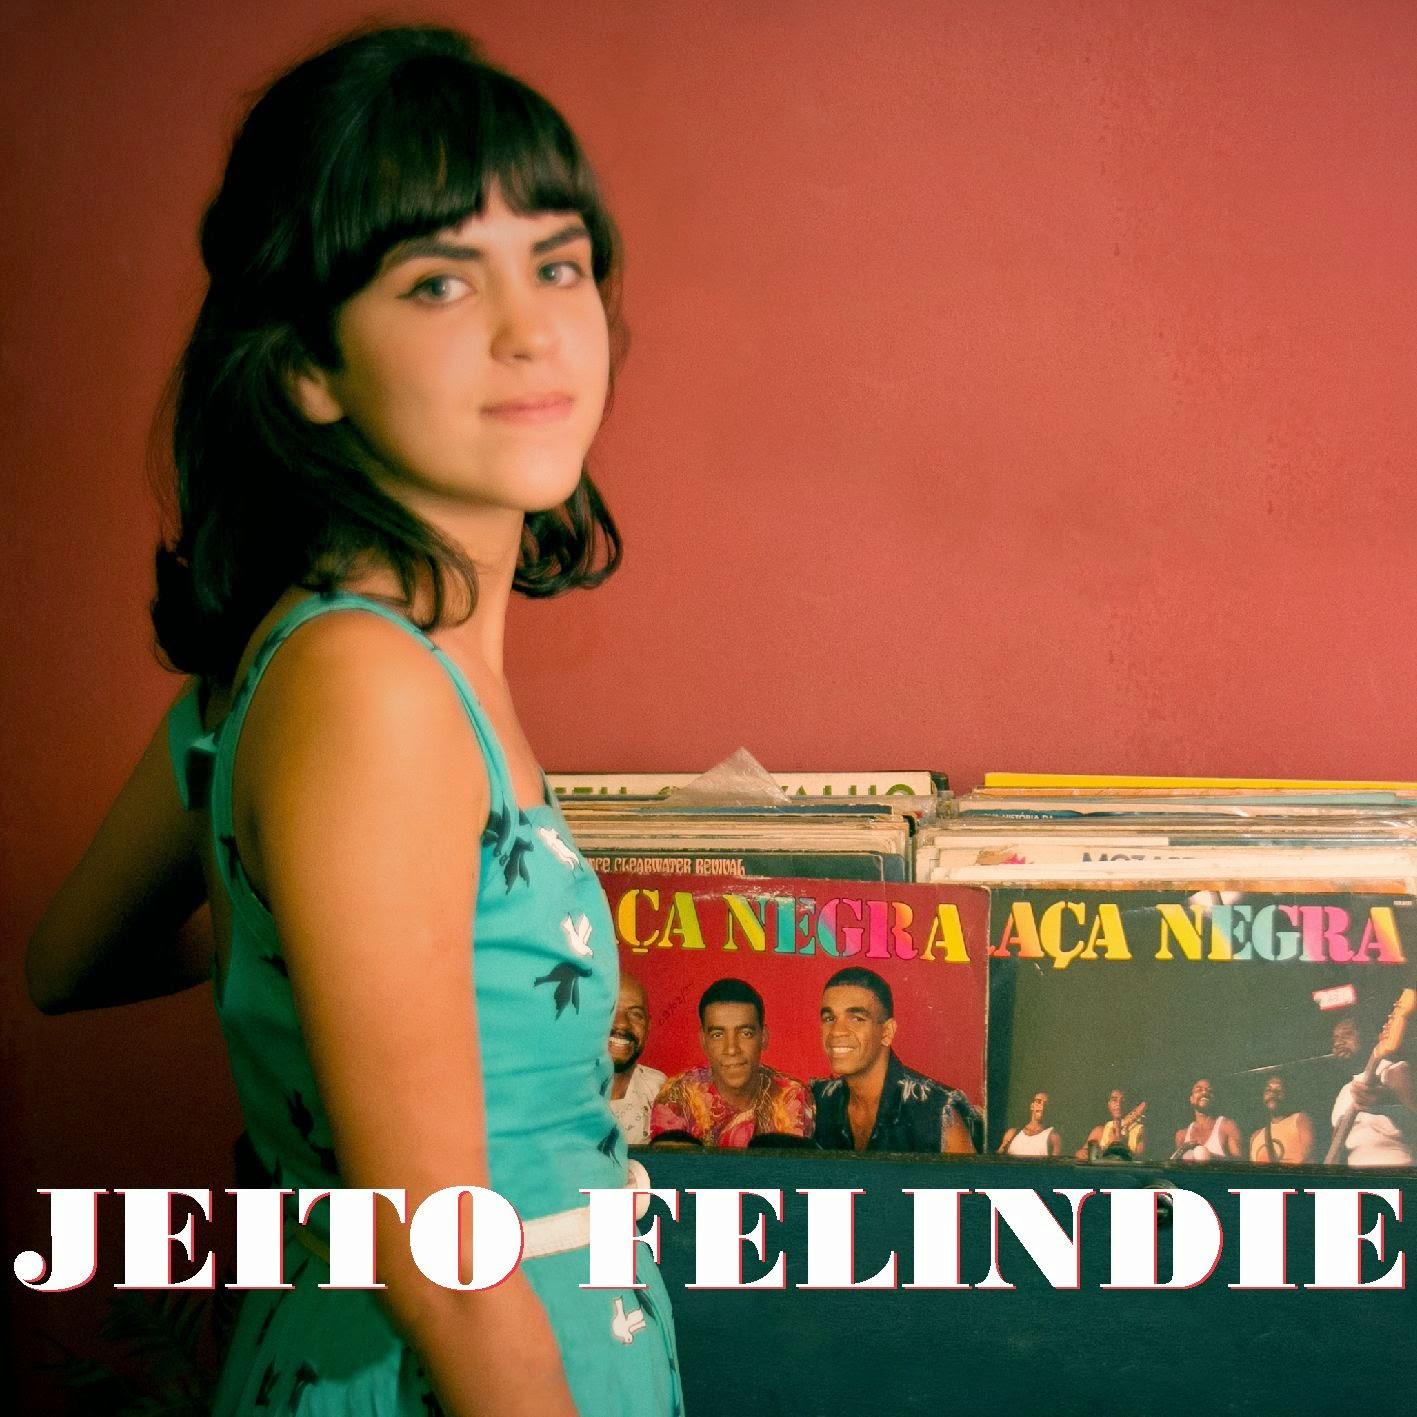 http://www.mediafire.com/download/iya6w5wes1ug391/V%C3%A1rios+Artistas+-+Fita+Bruta+-+Jeito+Felindie+%5BUm+Tributo+ao+Ra%C3%A7a+Negra%5D.rar